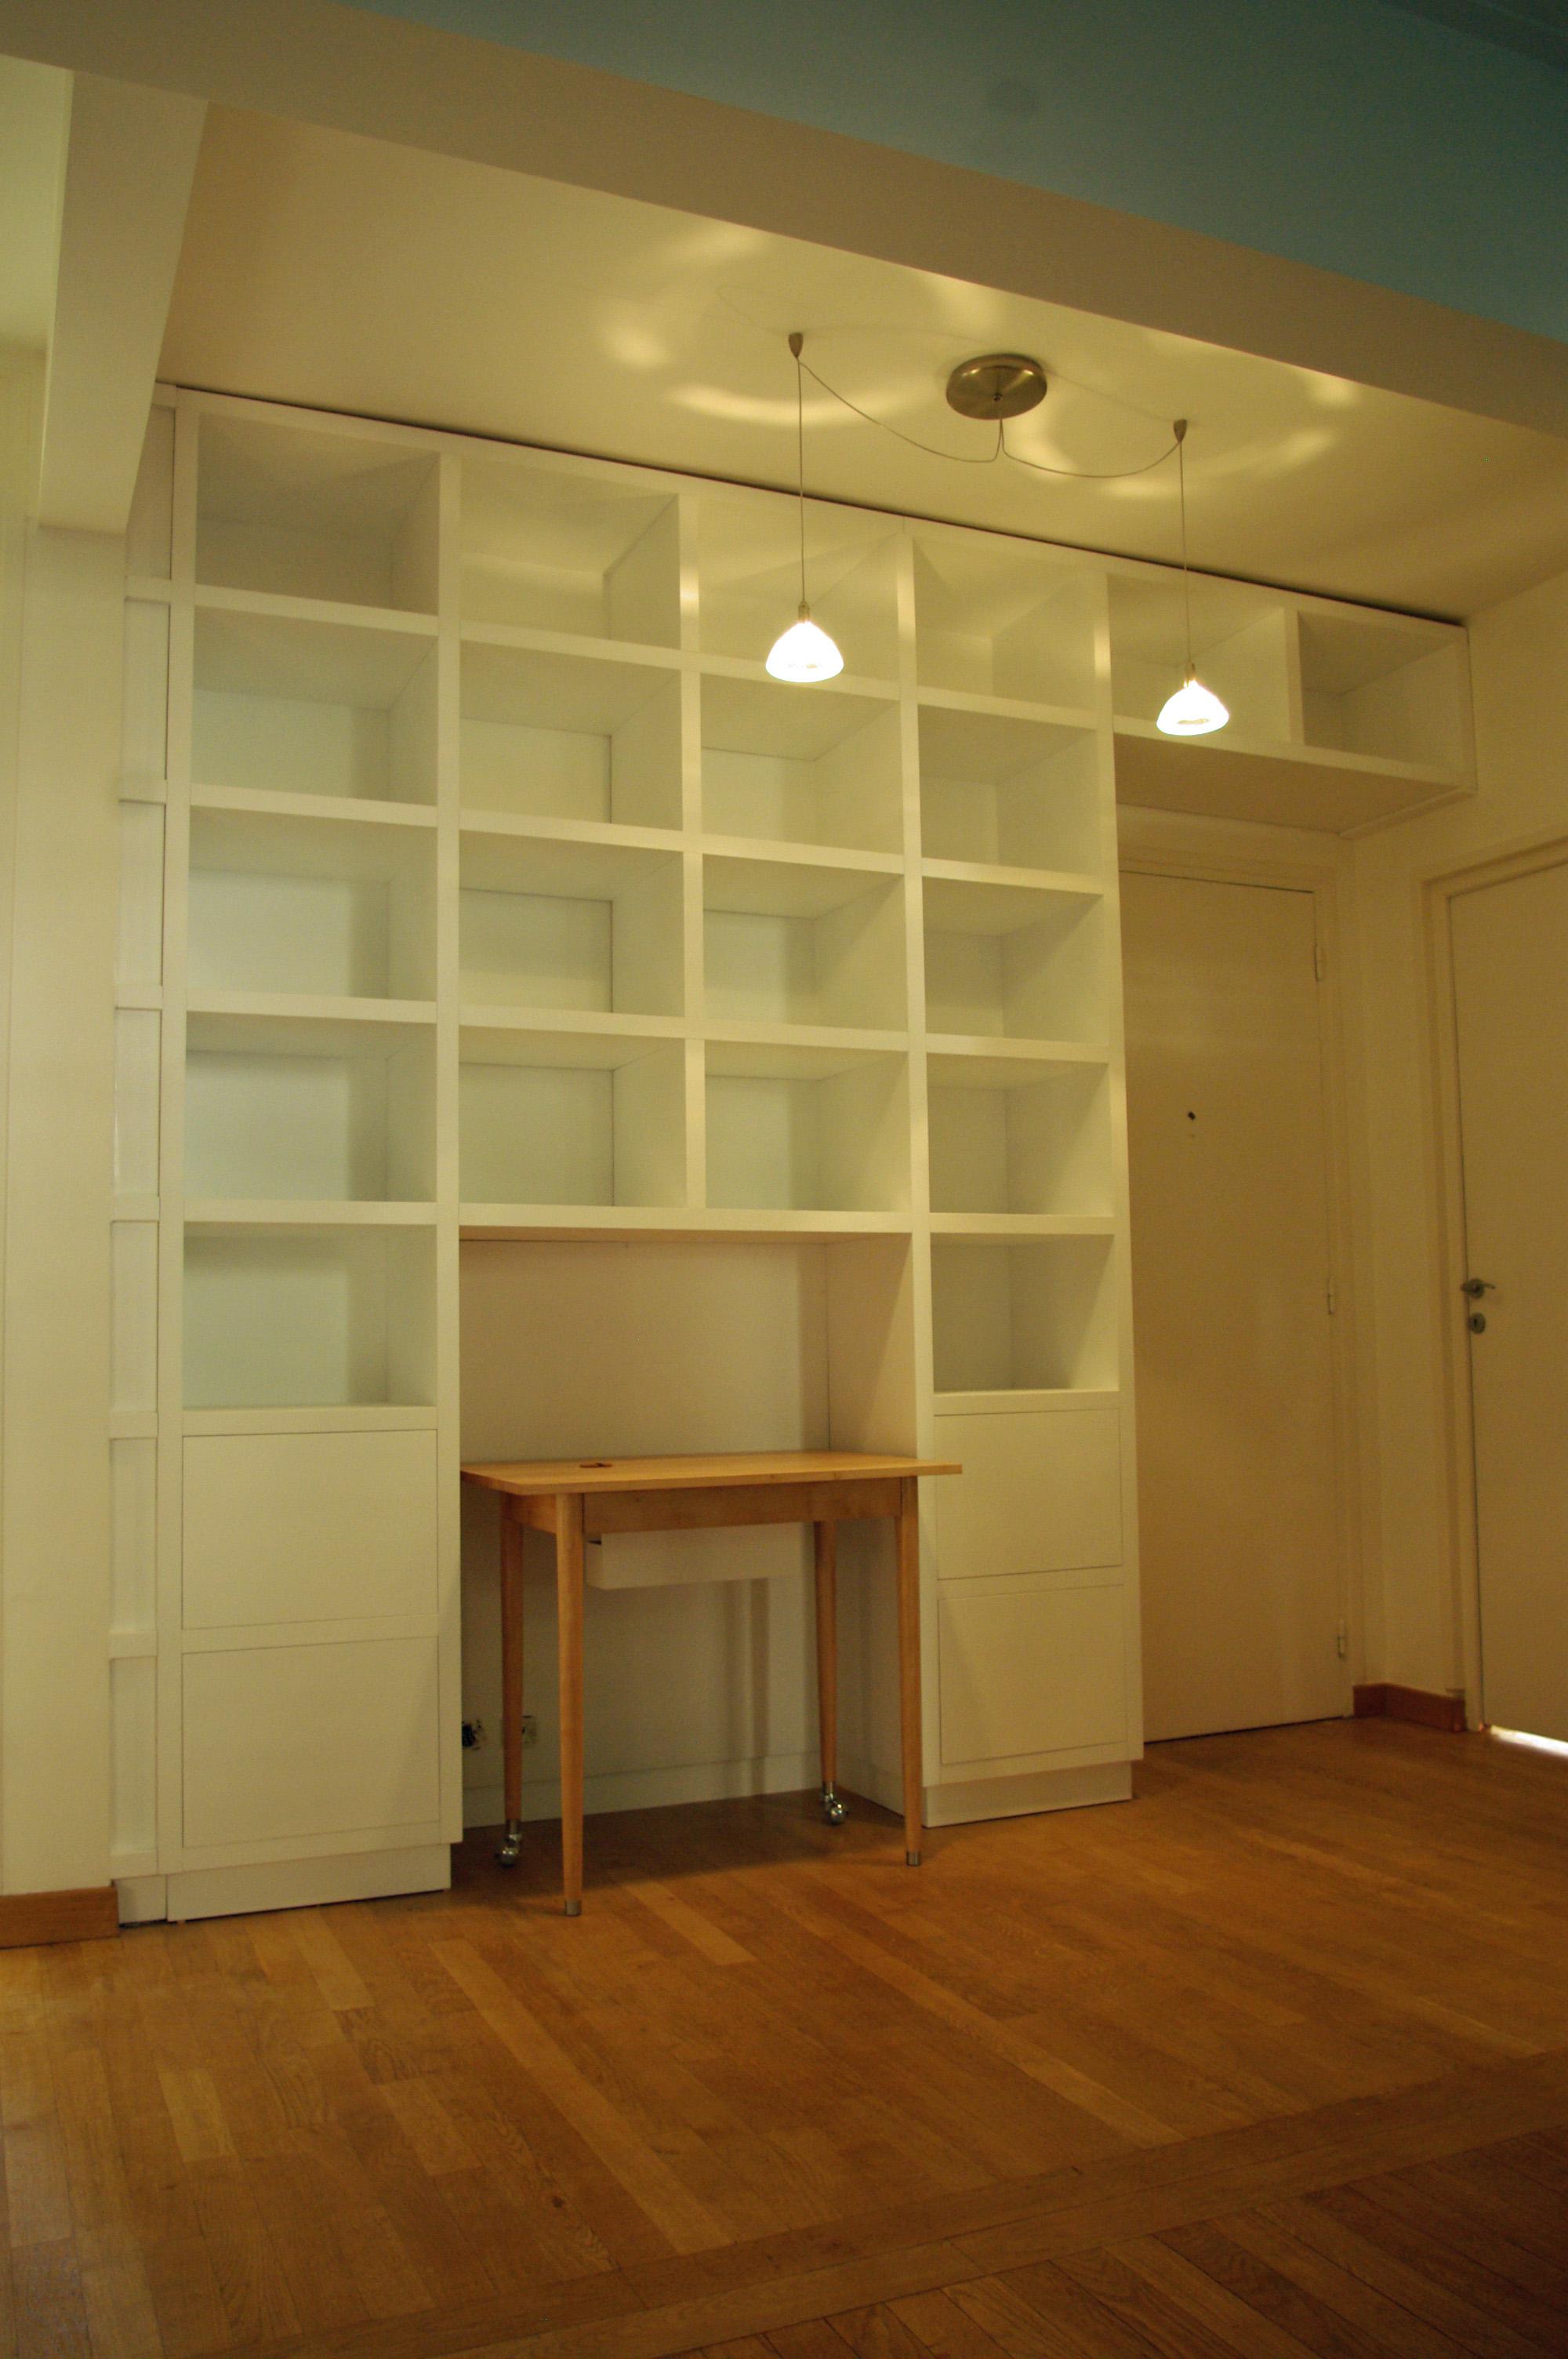 meubles artisanal, conçu et réalisé par Barry Horton